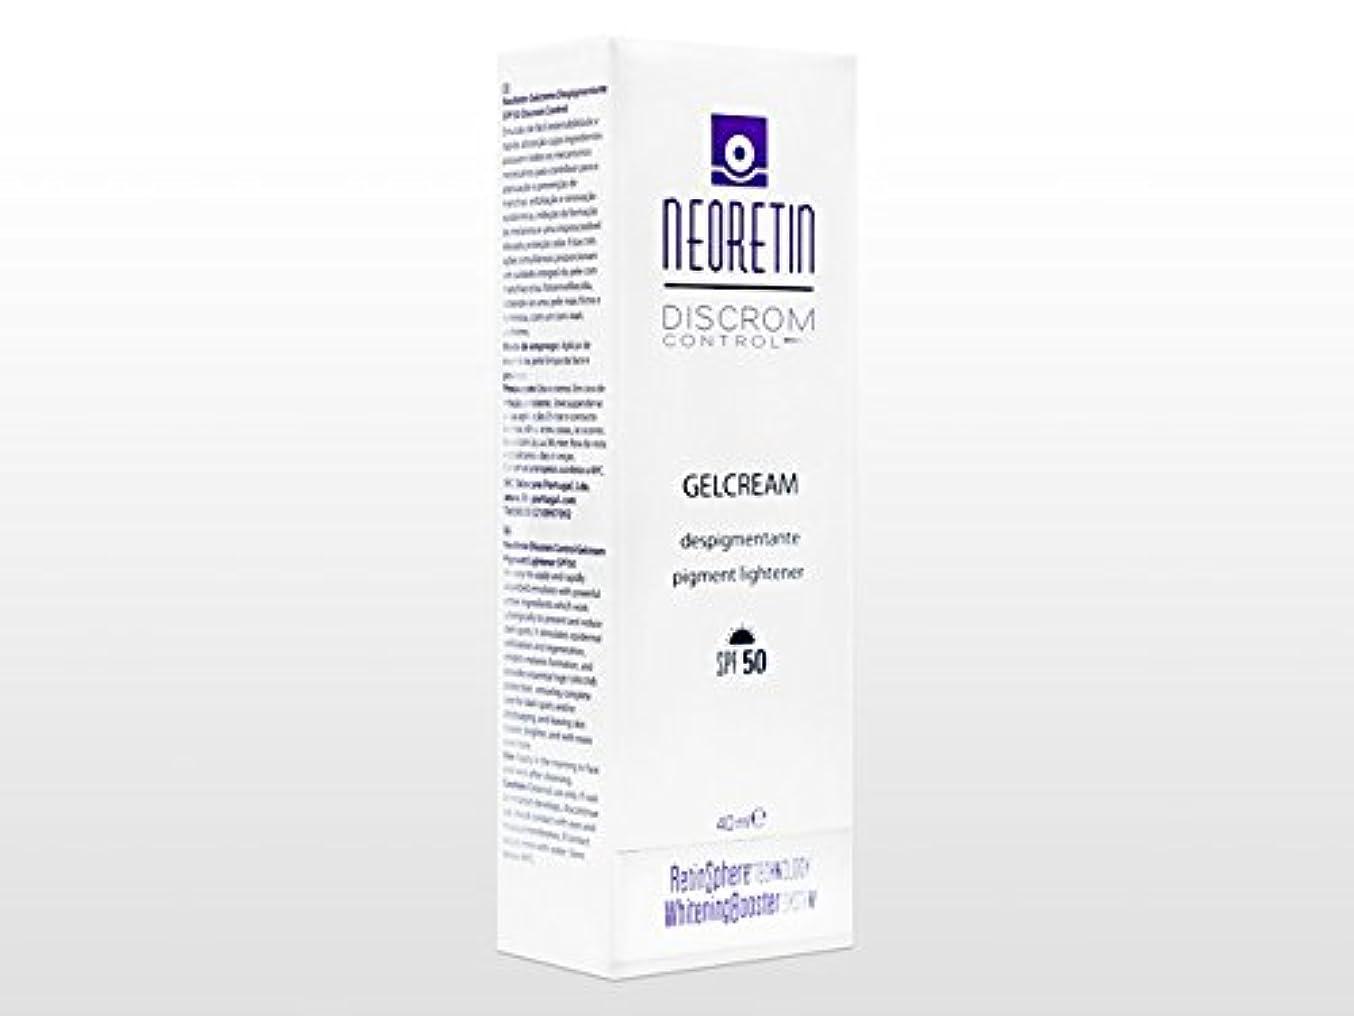 オピエート自分の生きるヘリオケアの美白シリーズ! シミ、傷跡などの色素沈着などあらゆるシミのケアに!Neoretin Discrom Control Gelcream SPF50 【海外直送品】